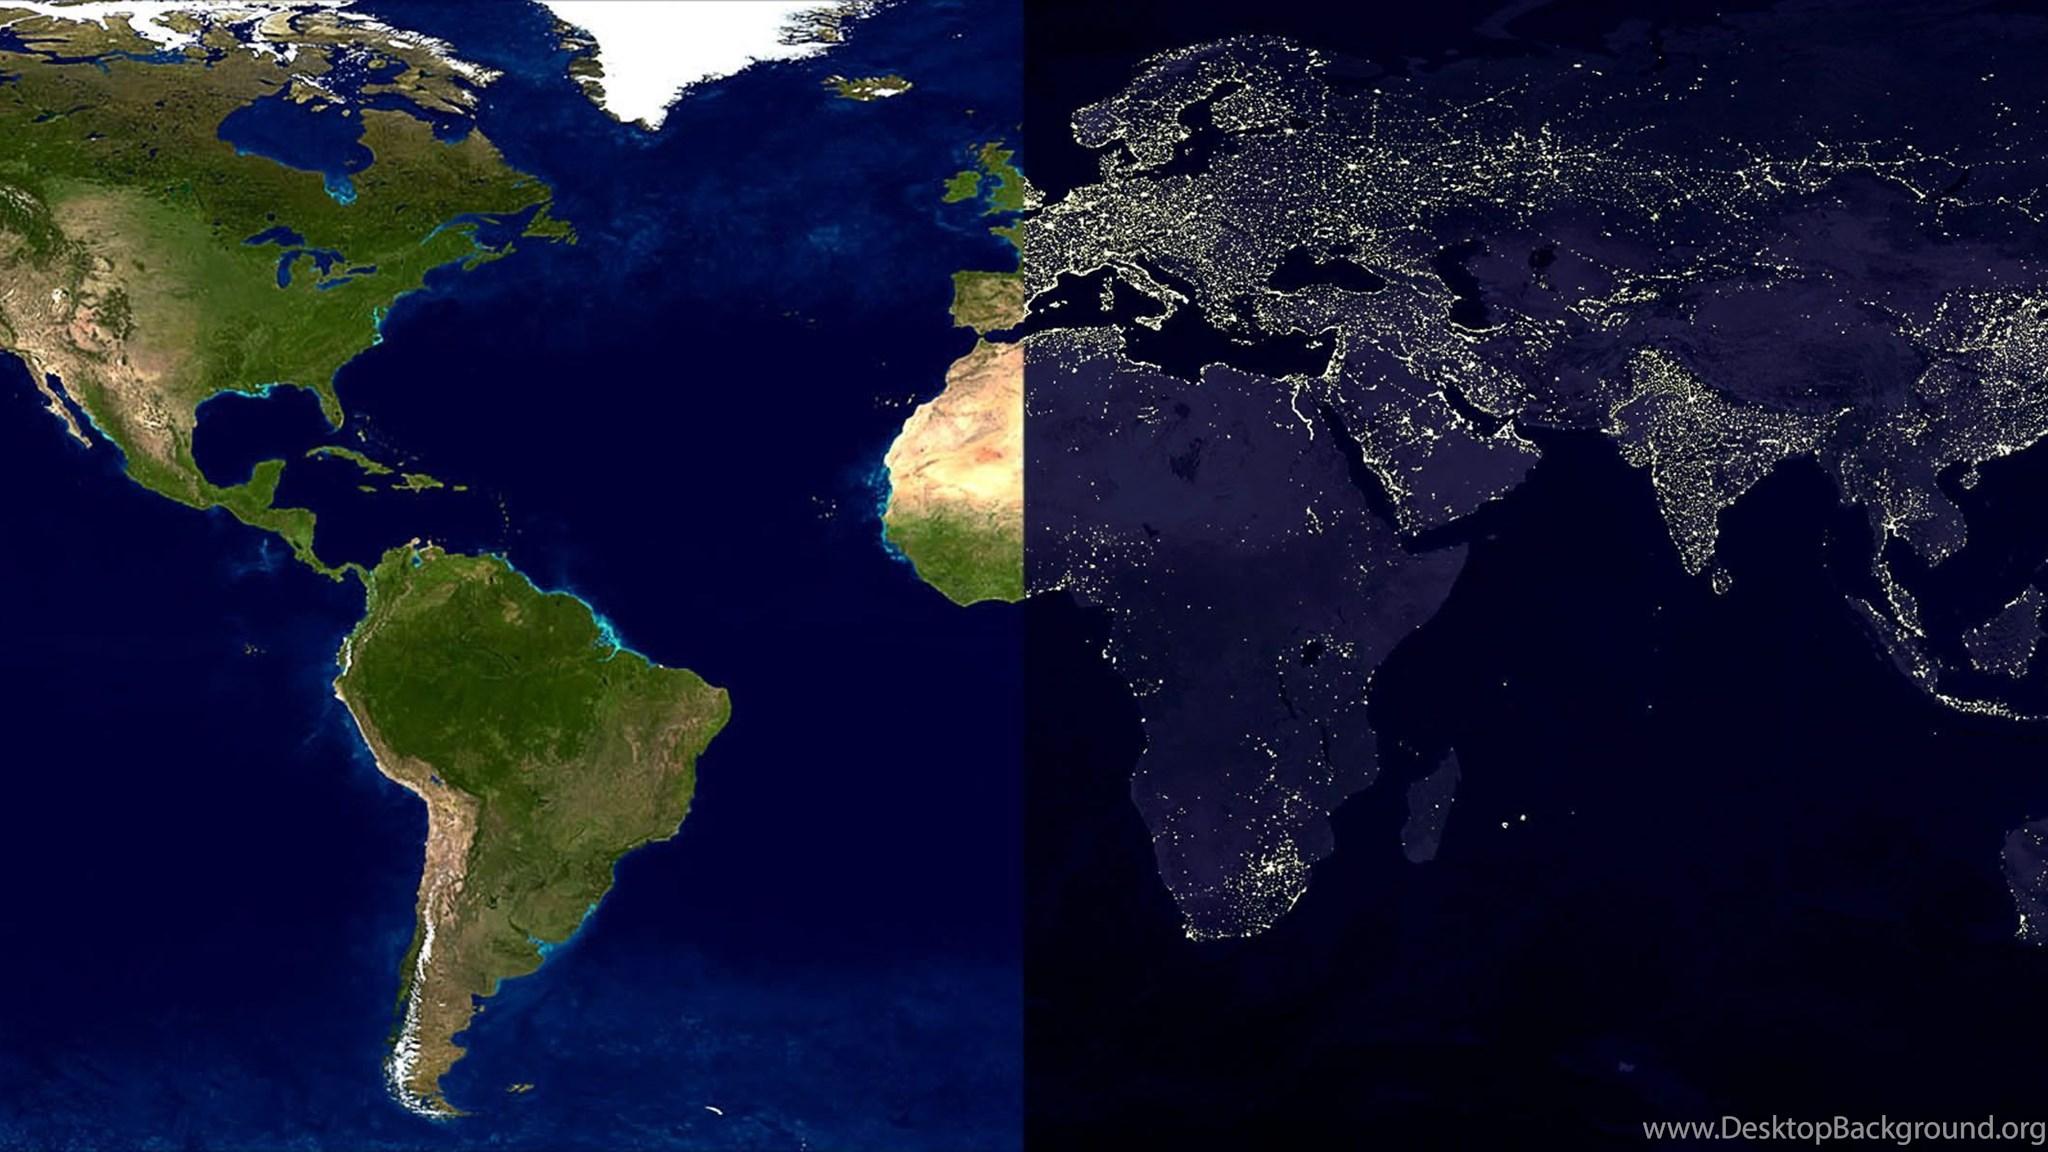 Maps Daylight World Map Nighttime Wallpapers Desktop Background - World map screen wallpaper